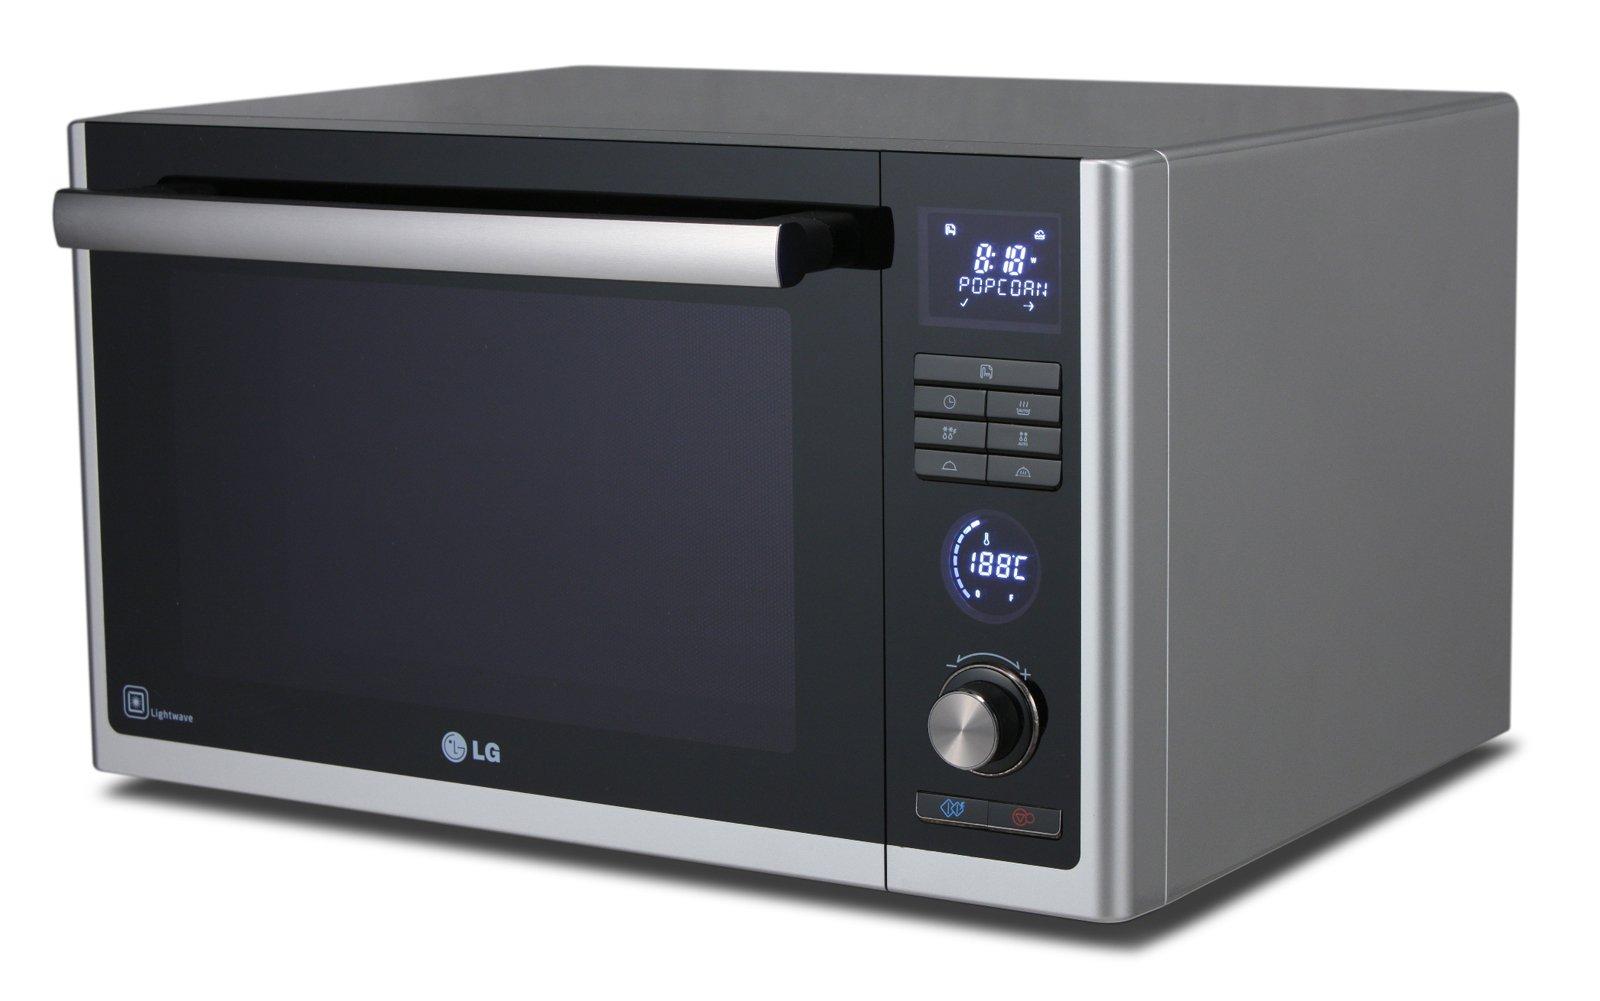 I forni a microonde: piccoli, rapidi e completi - Cose di Casa